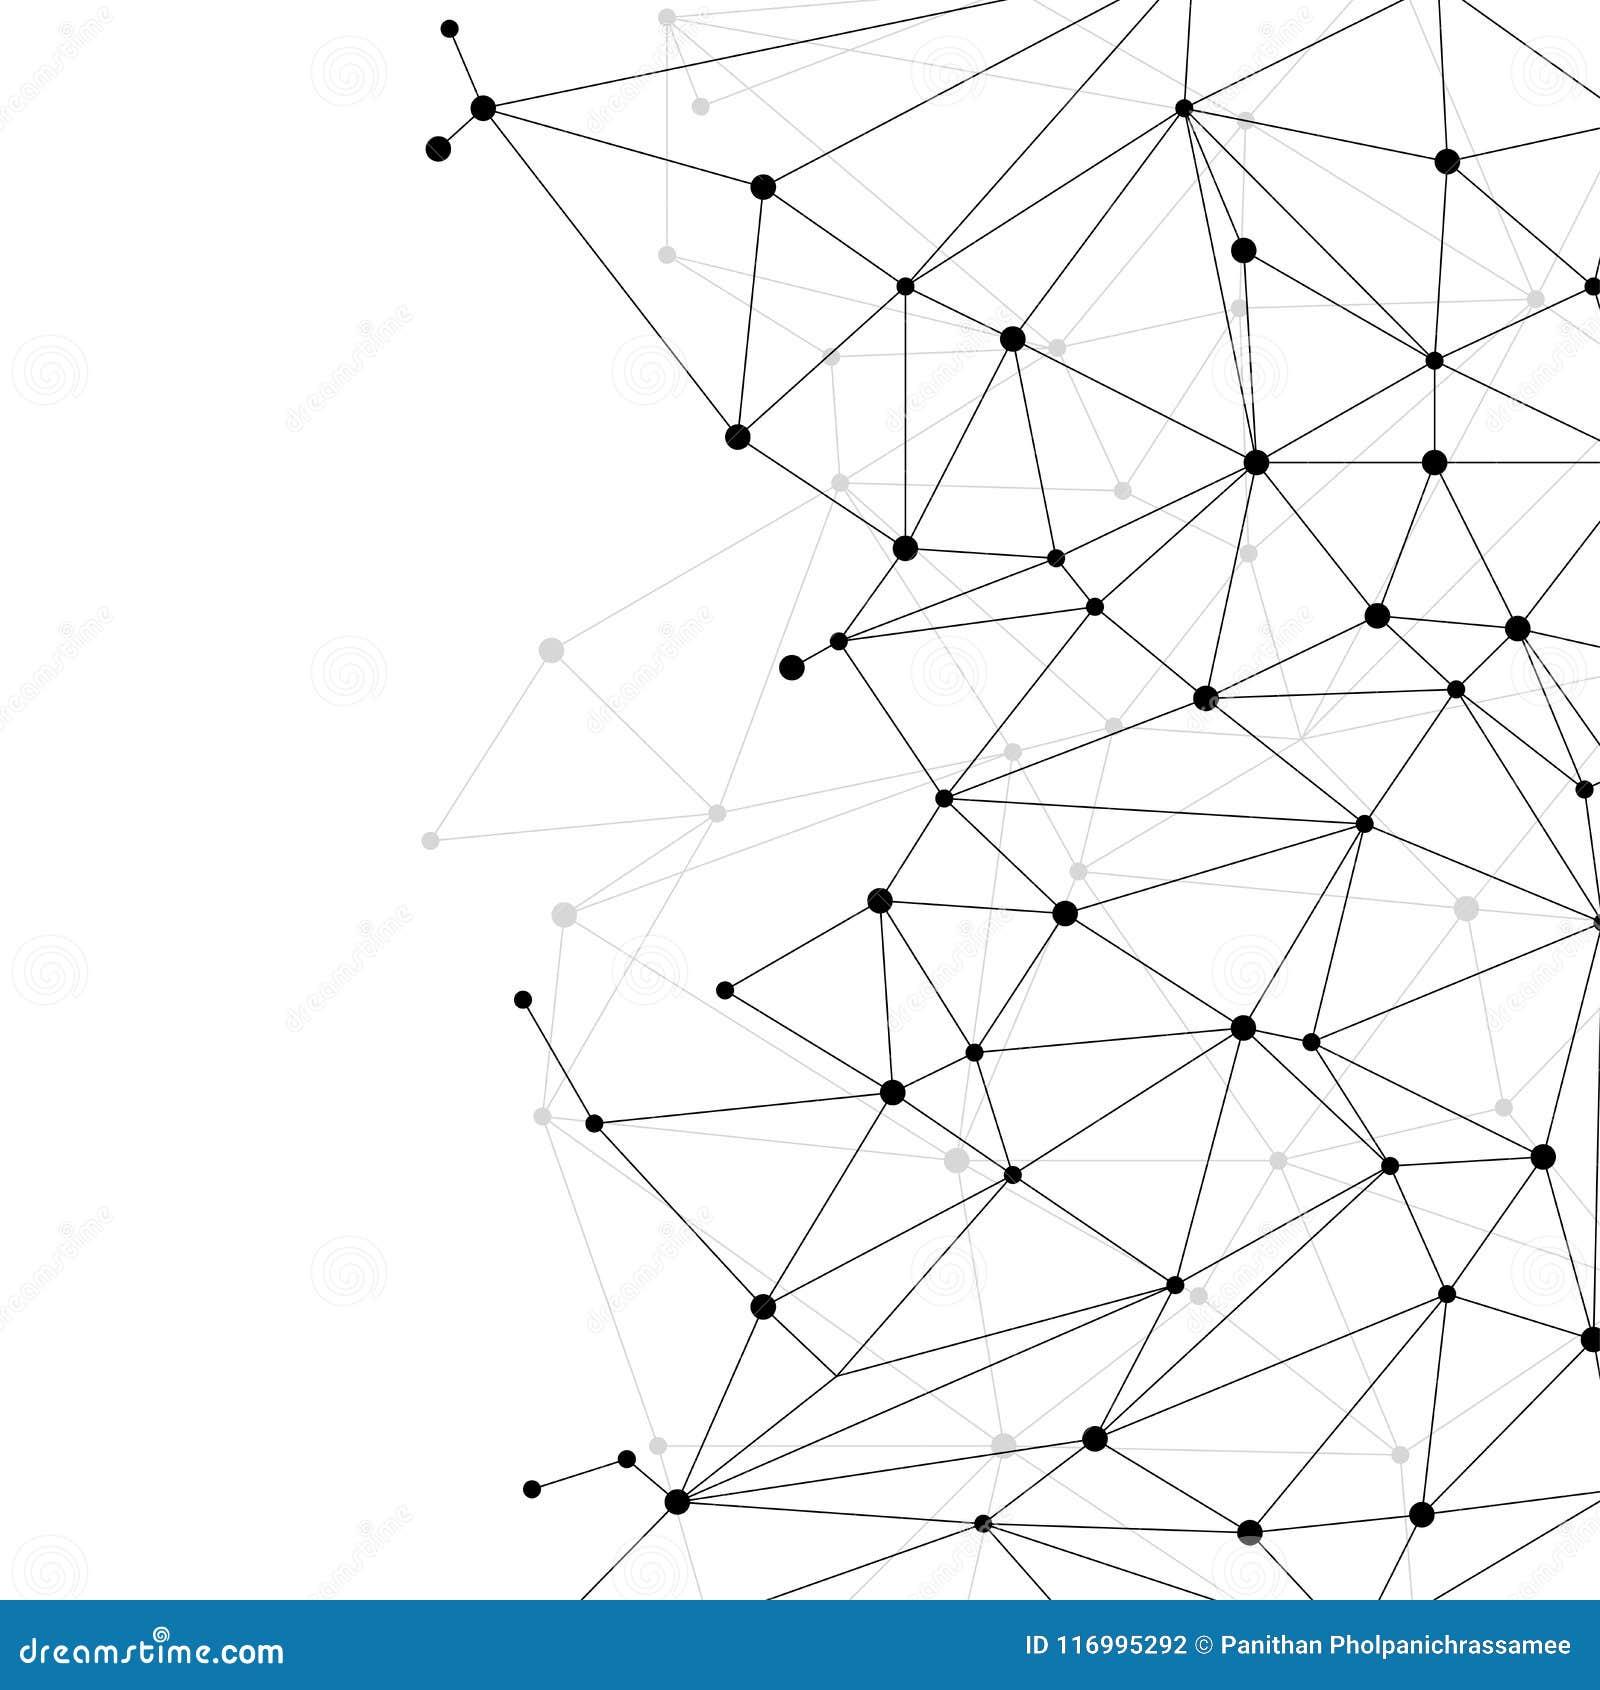 Bakgrund för nätverksförbindande prickpolygon: Begrepp av nätverket, affär som förbinder, molekyl, data, kemikalie